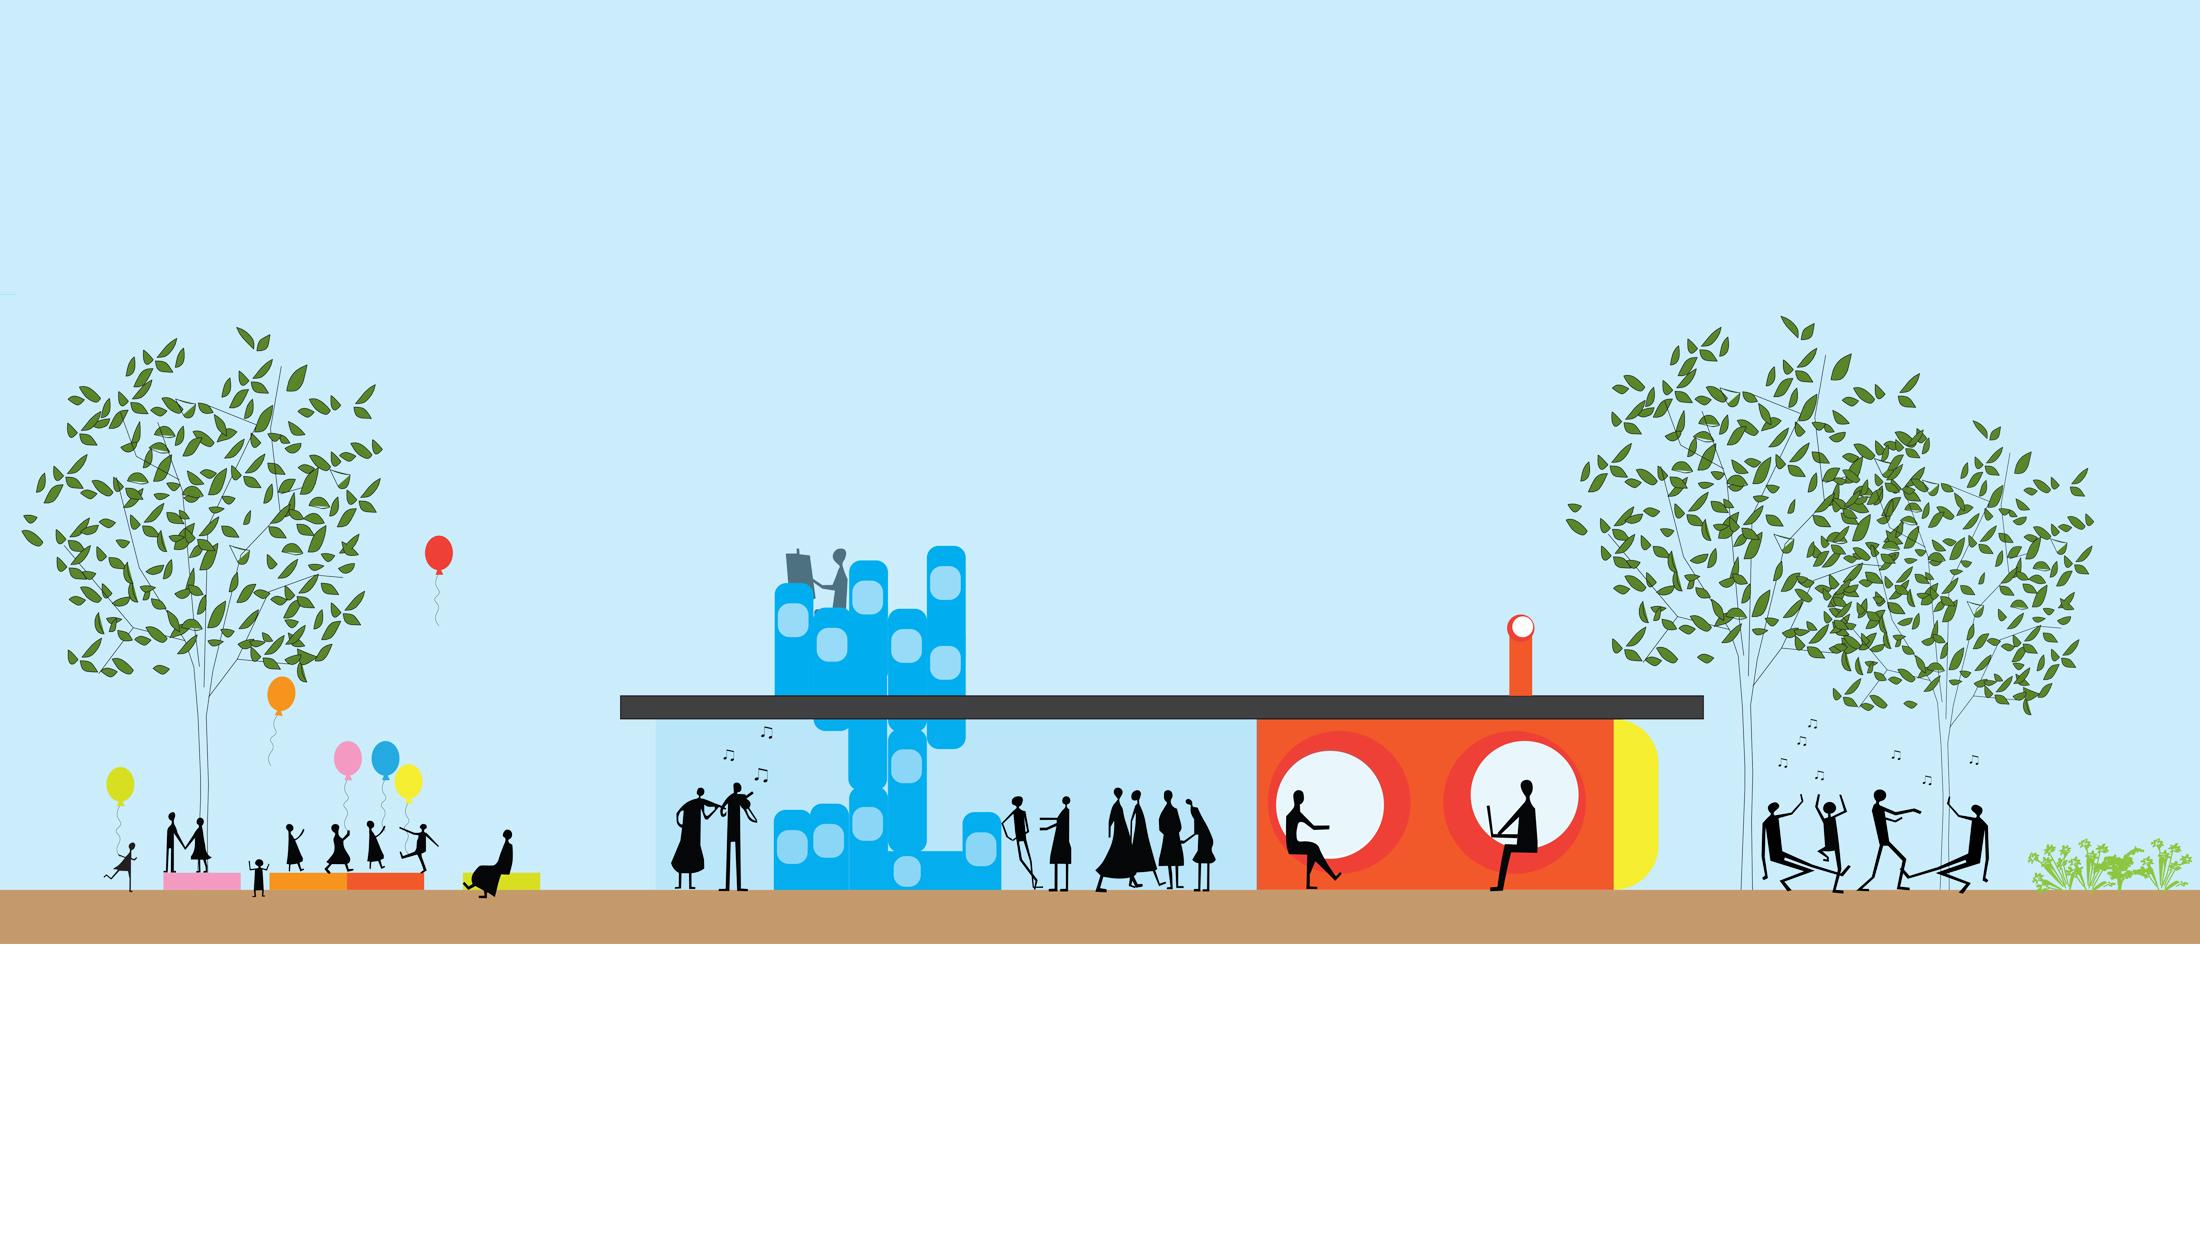 Community Centre De Zeeslag, designed by NOAHH | Network Oriented Architecture